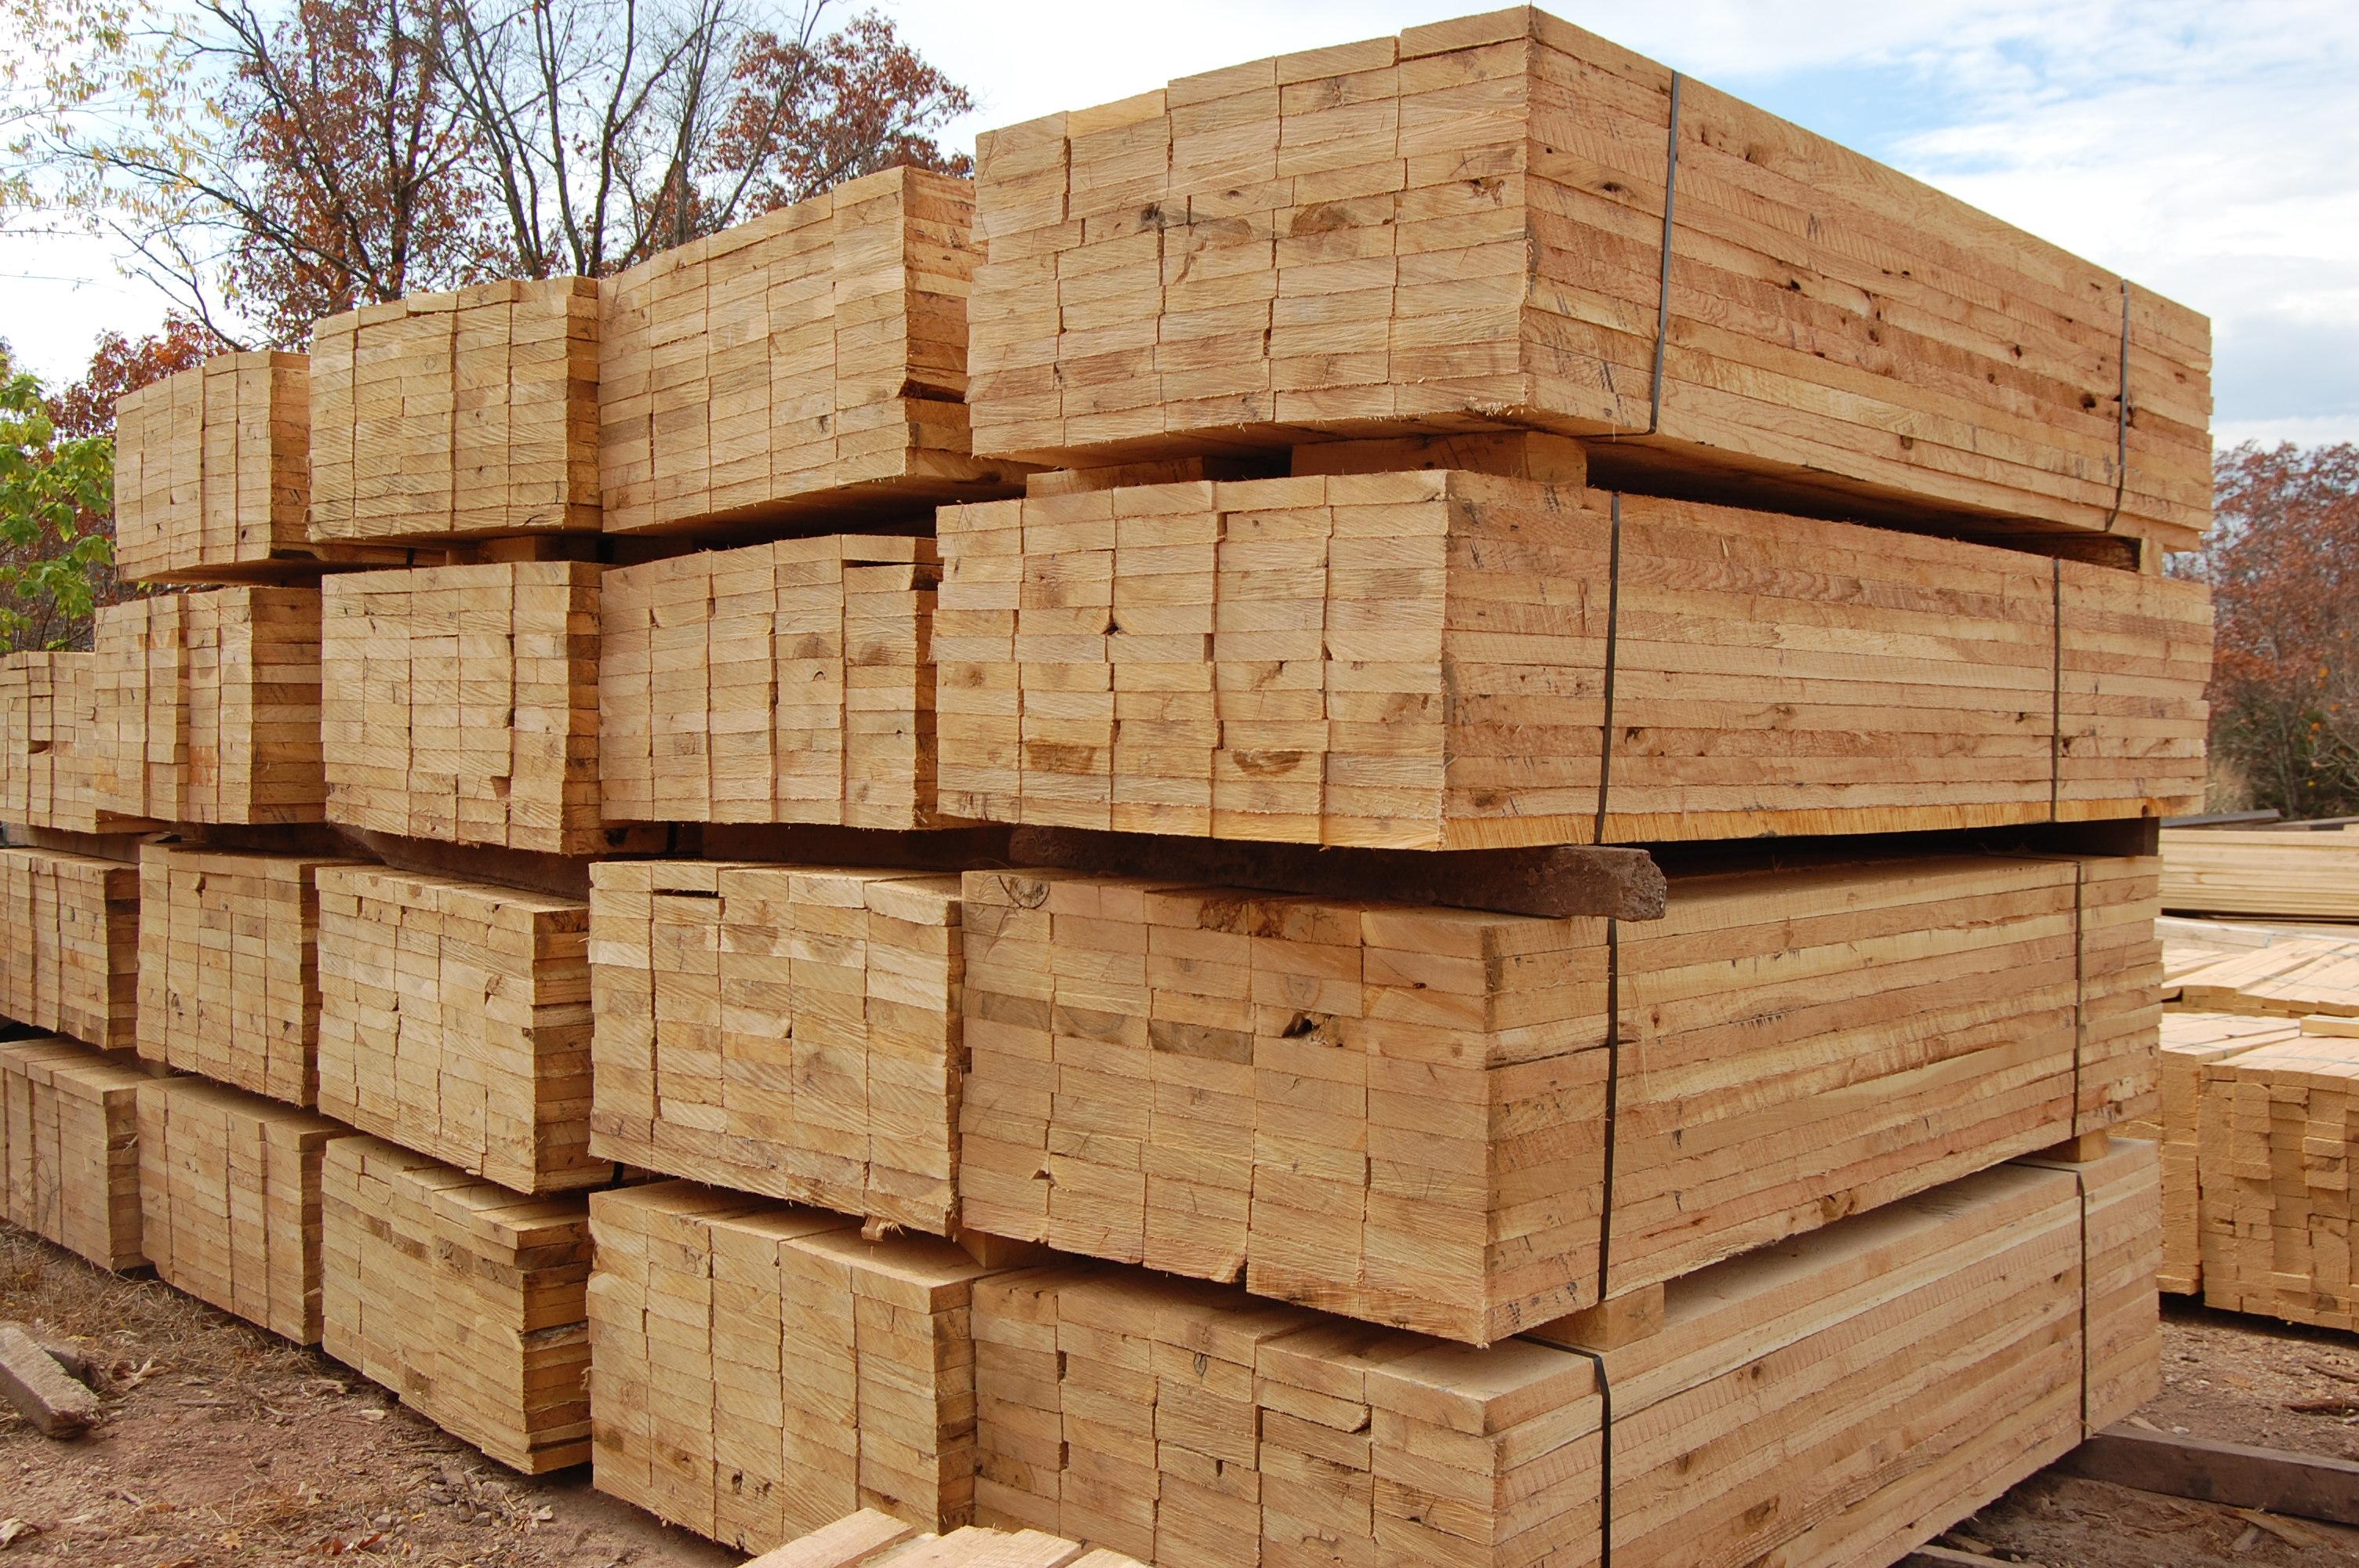 Un-Protected Lumber Bundles